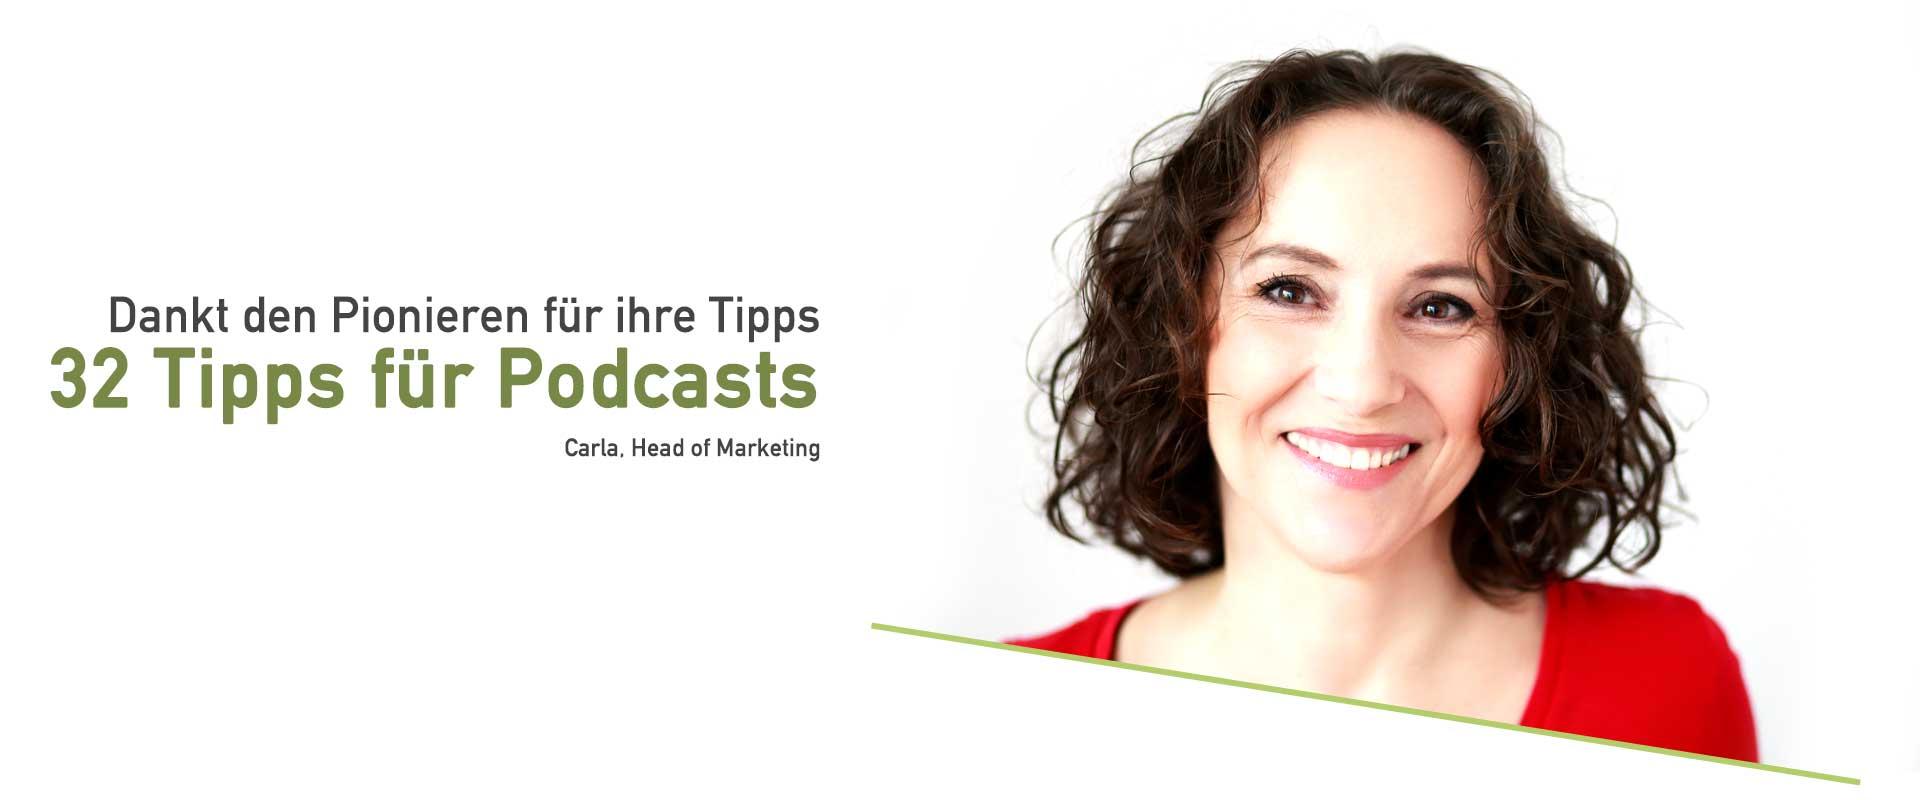 Carla dankt den Pionieren, dass sie ihr 32 Tipps rund um Podcasts gaben.